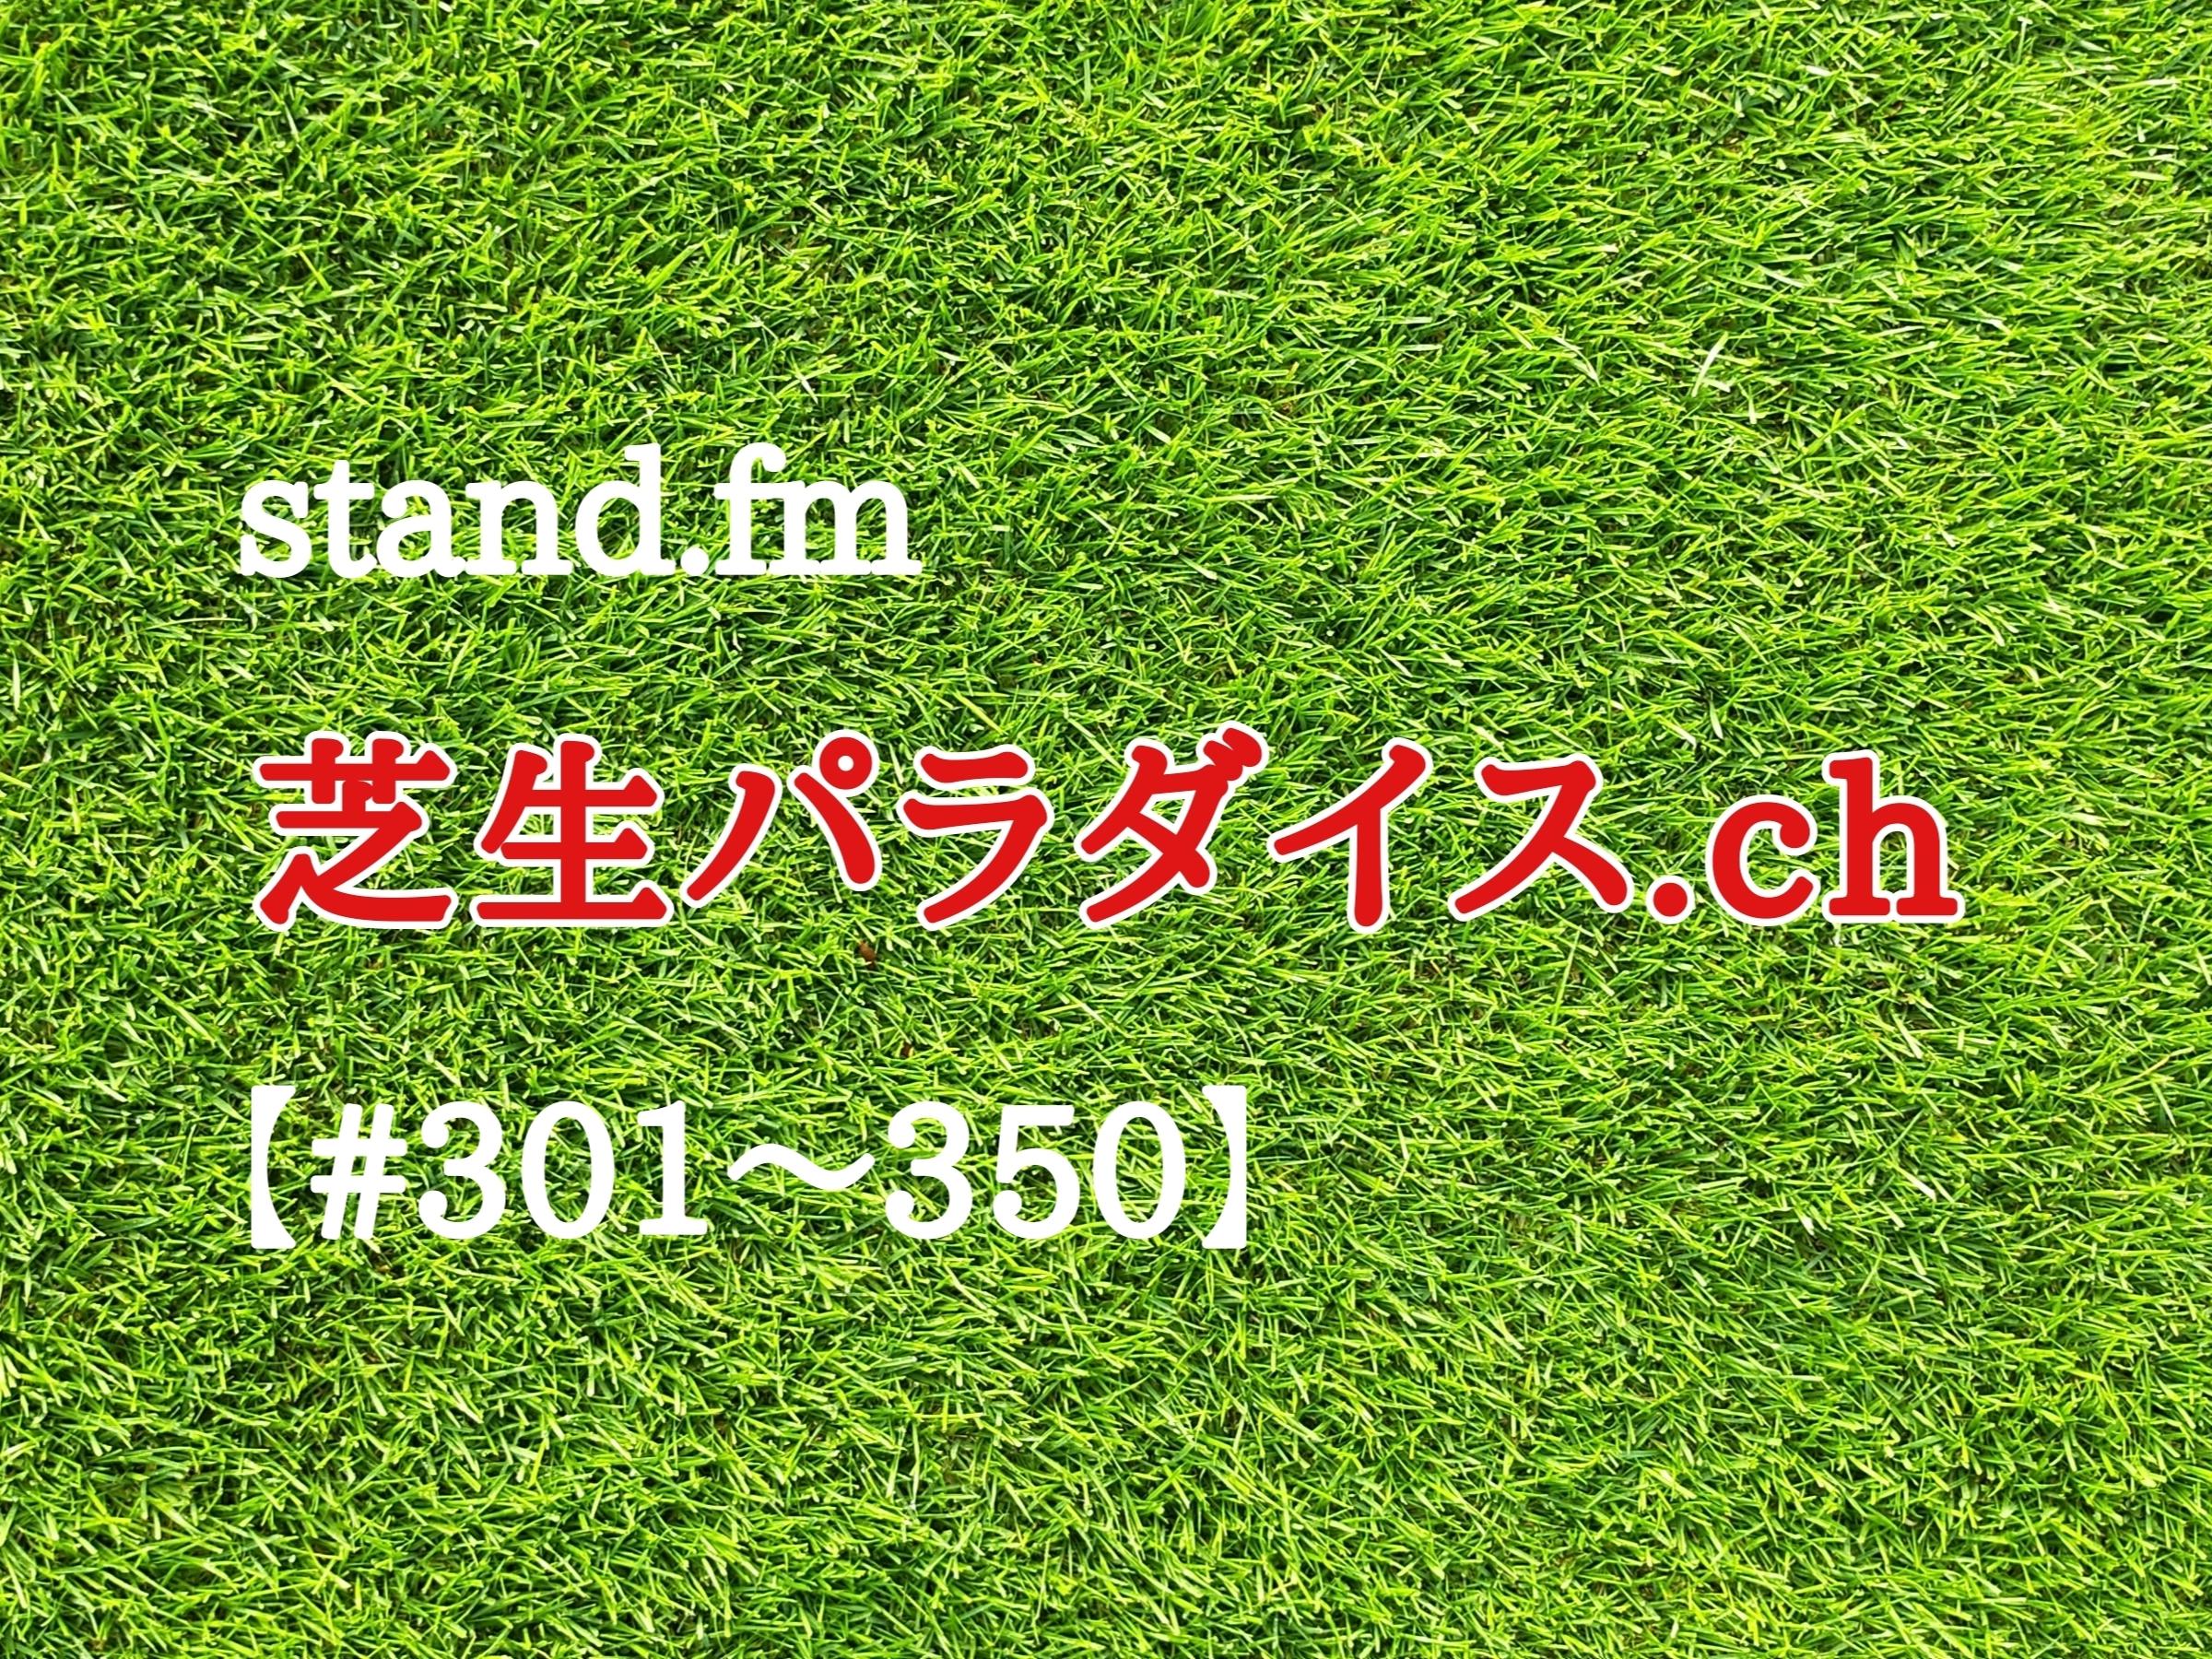 【#301〜350】stand.fm 🍀芝生パラダイス・チャンネル📻😄💕